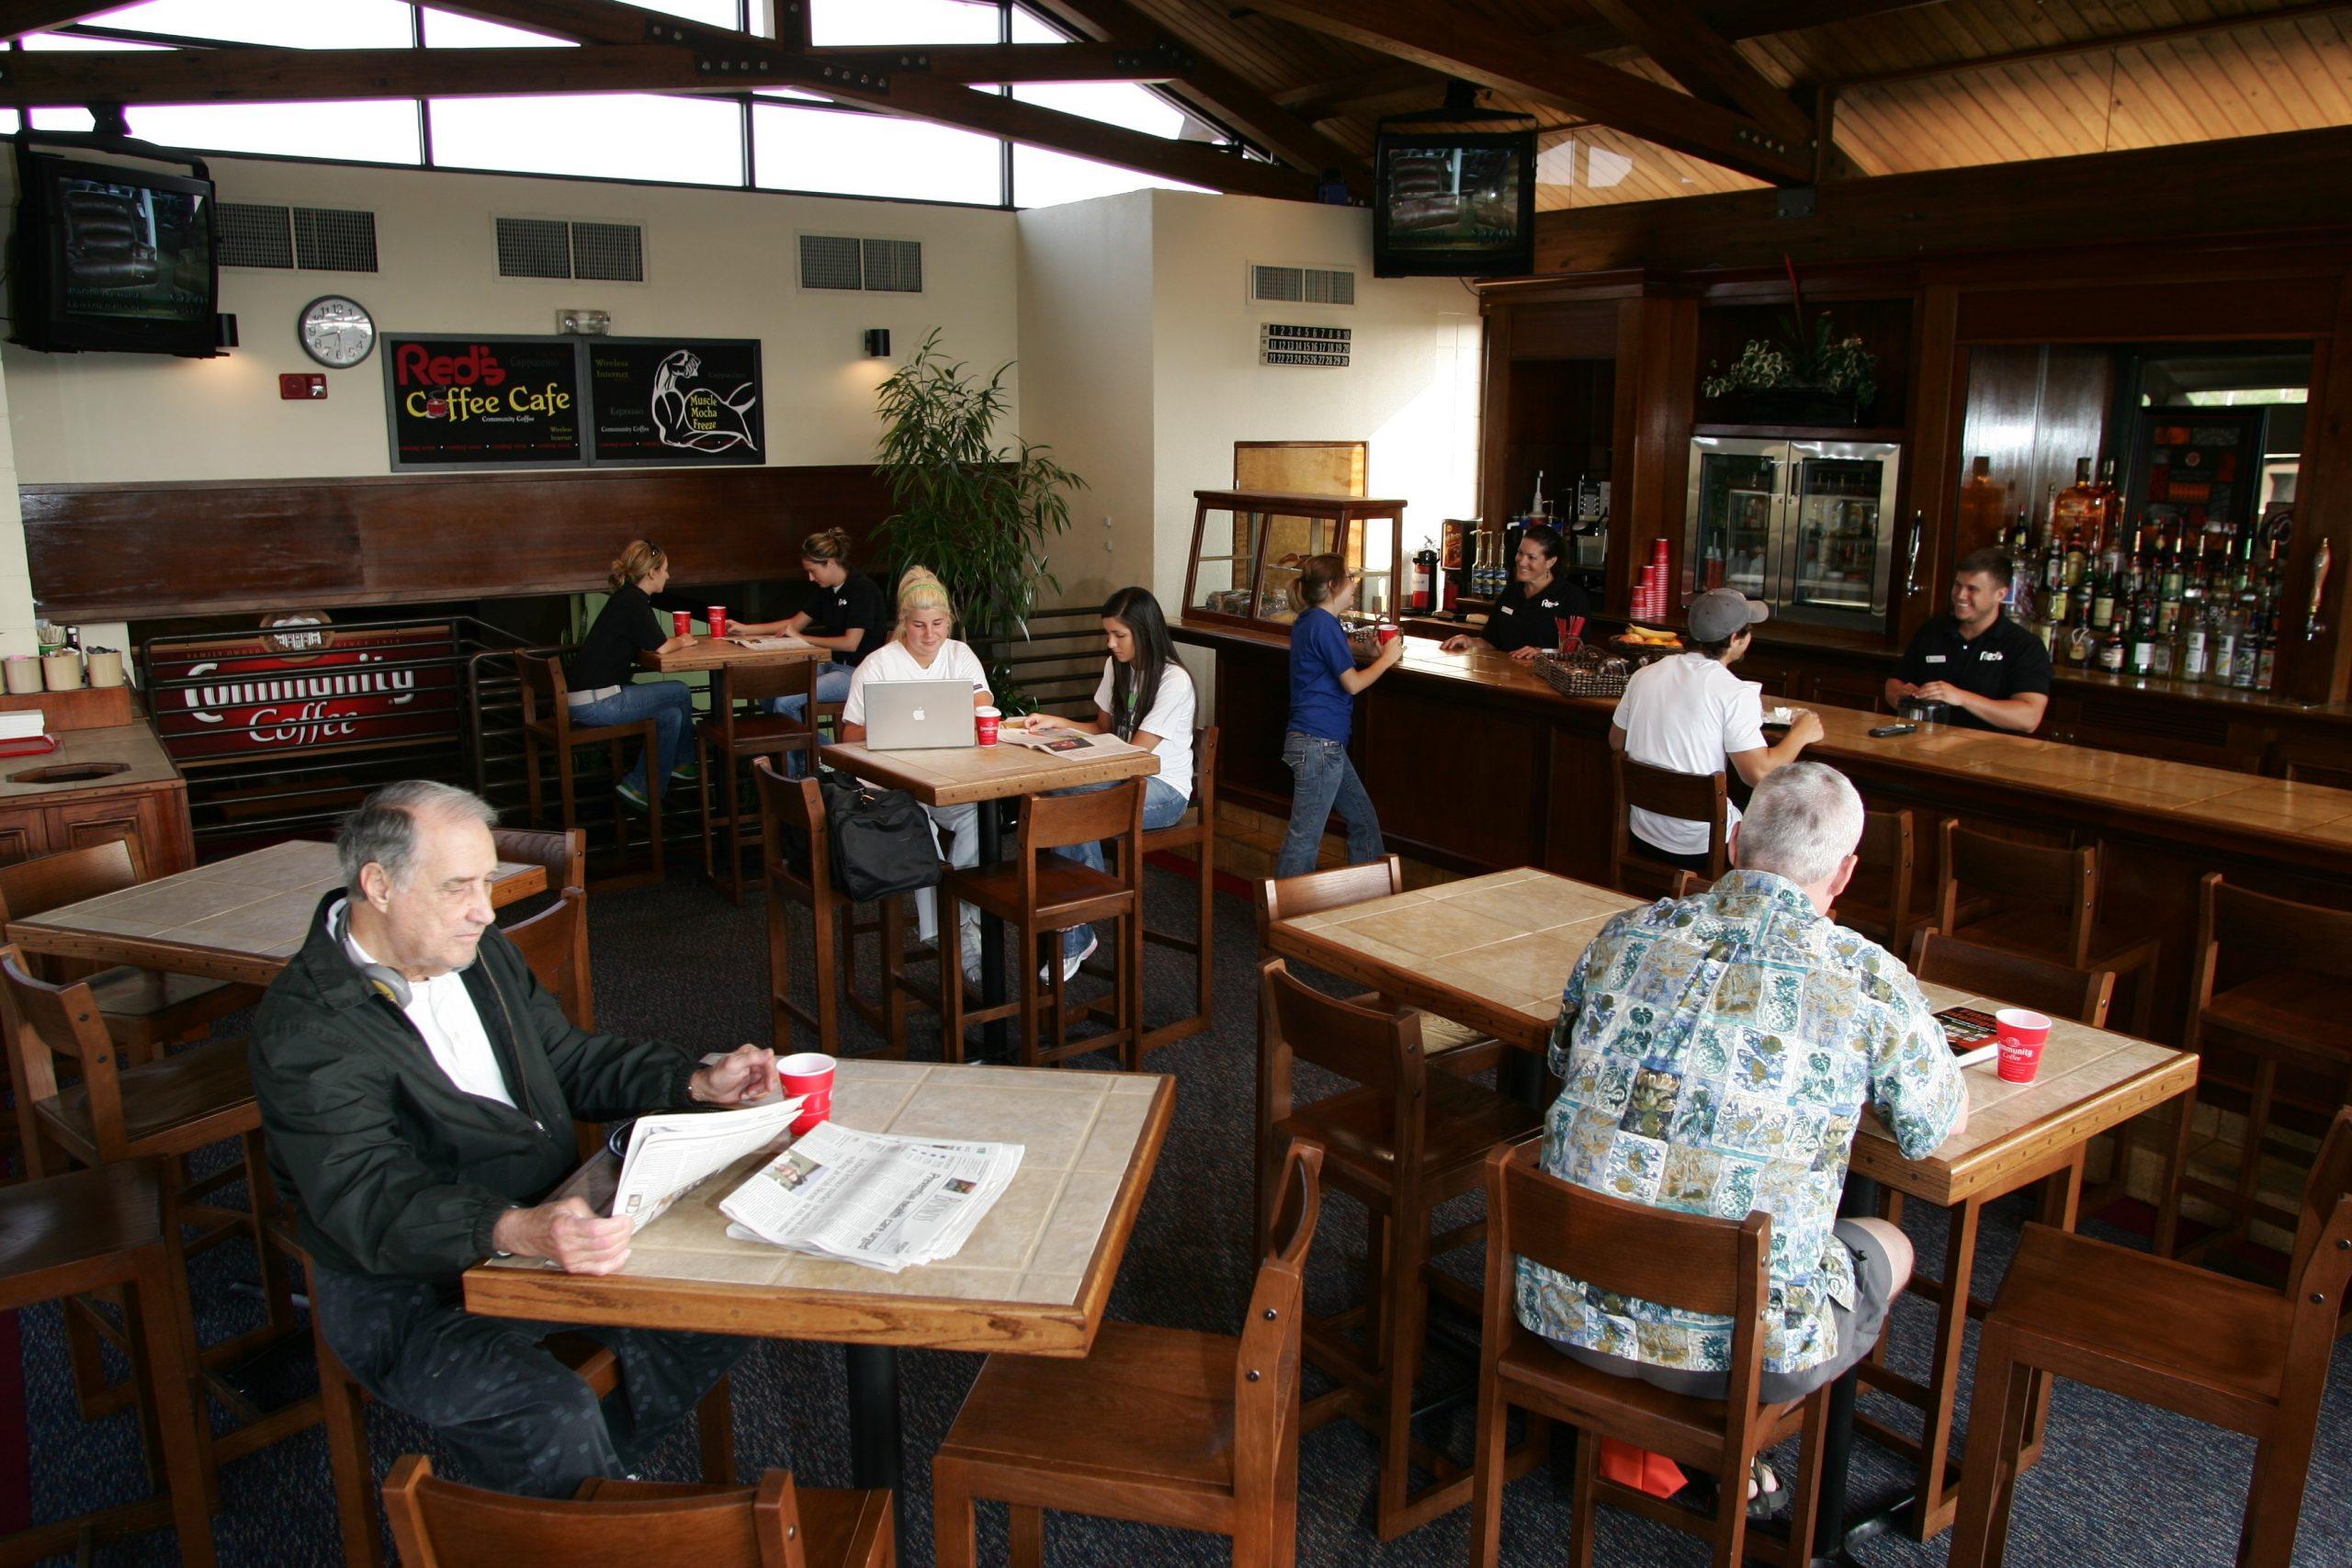 Coffee Bar/Lounge in Red's in Lafayette, La